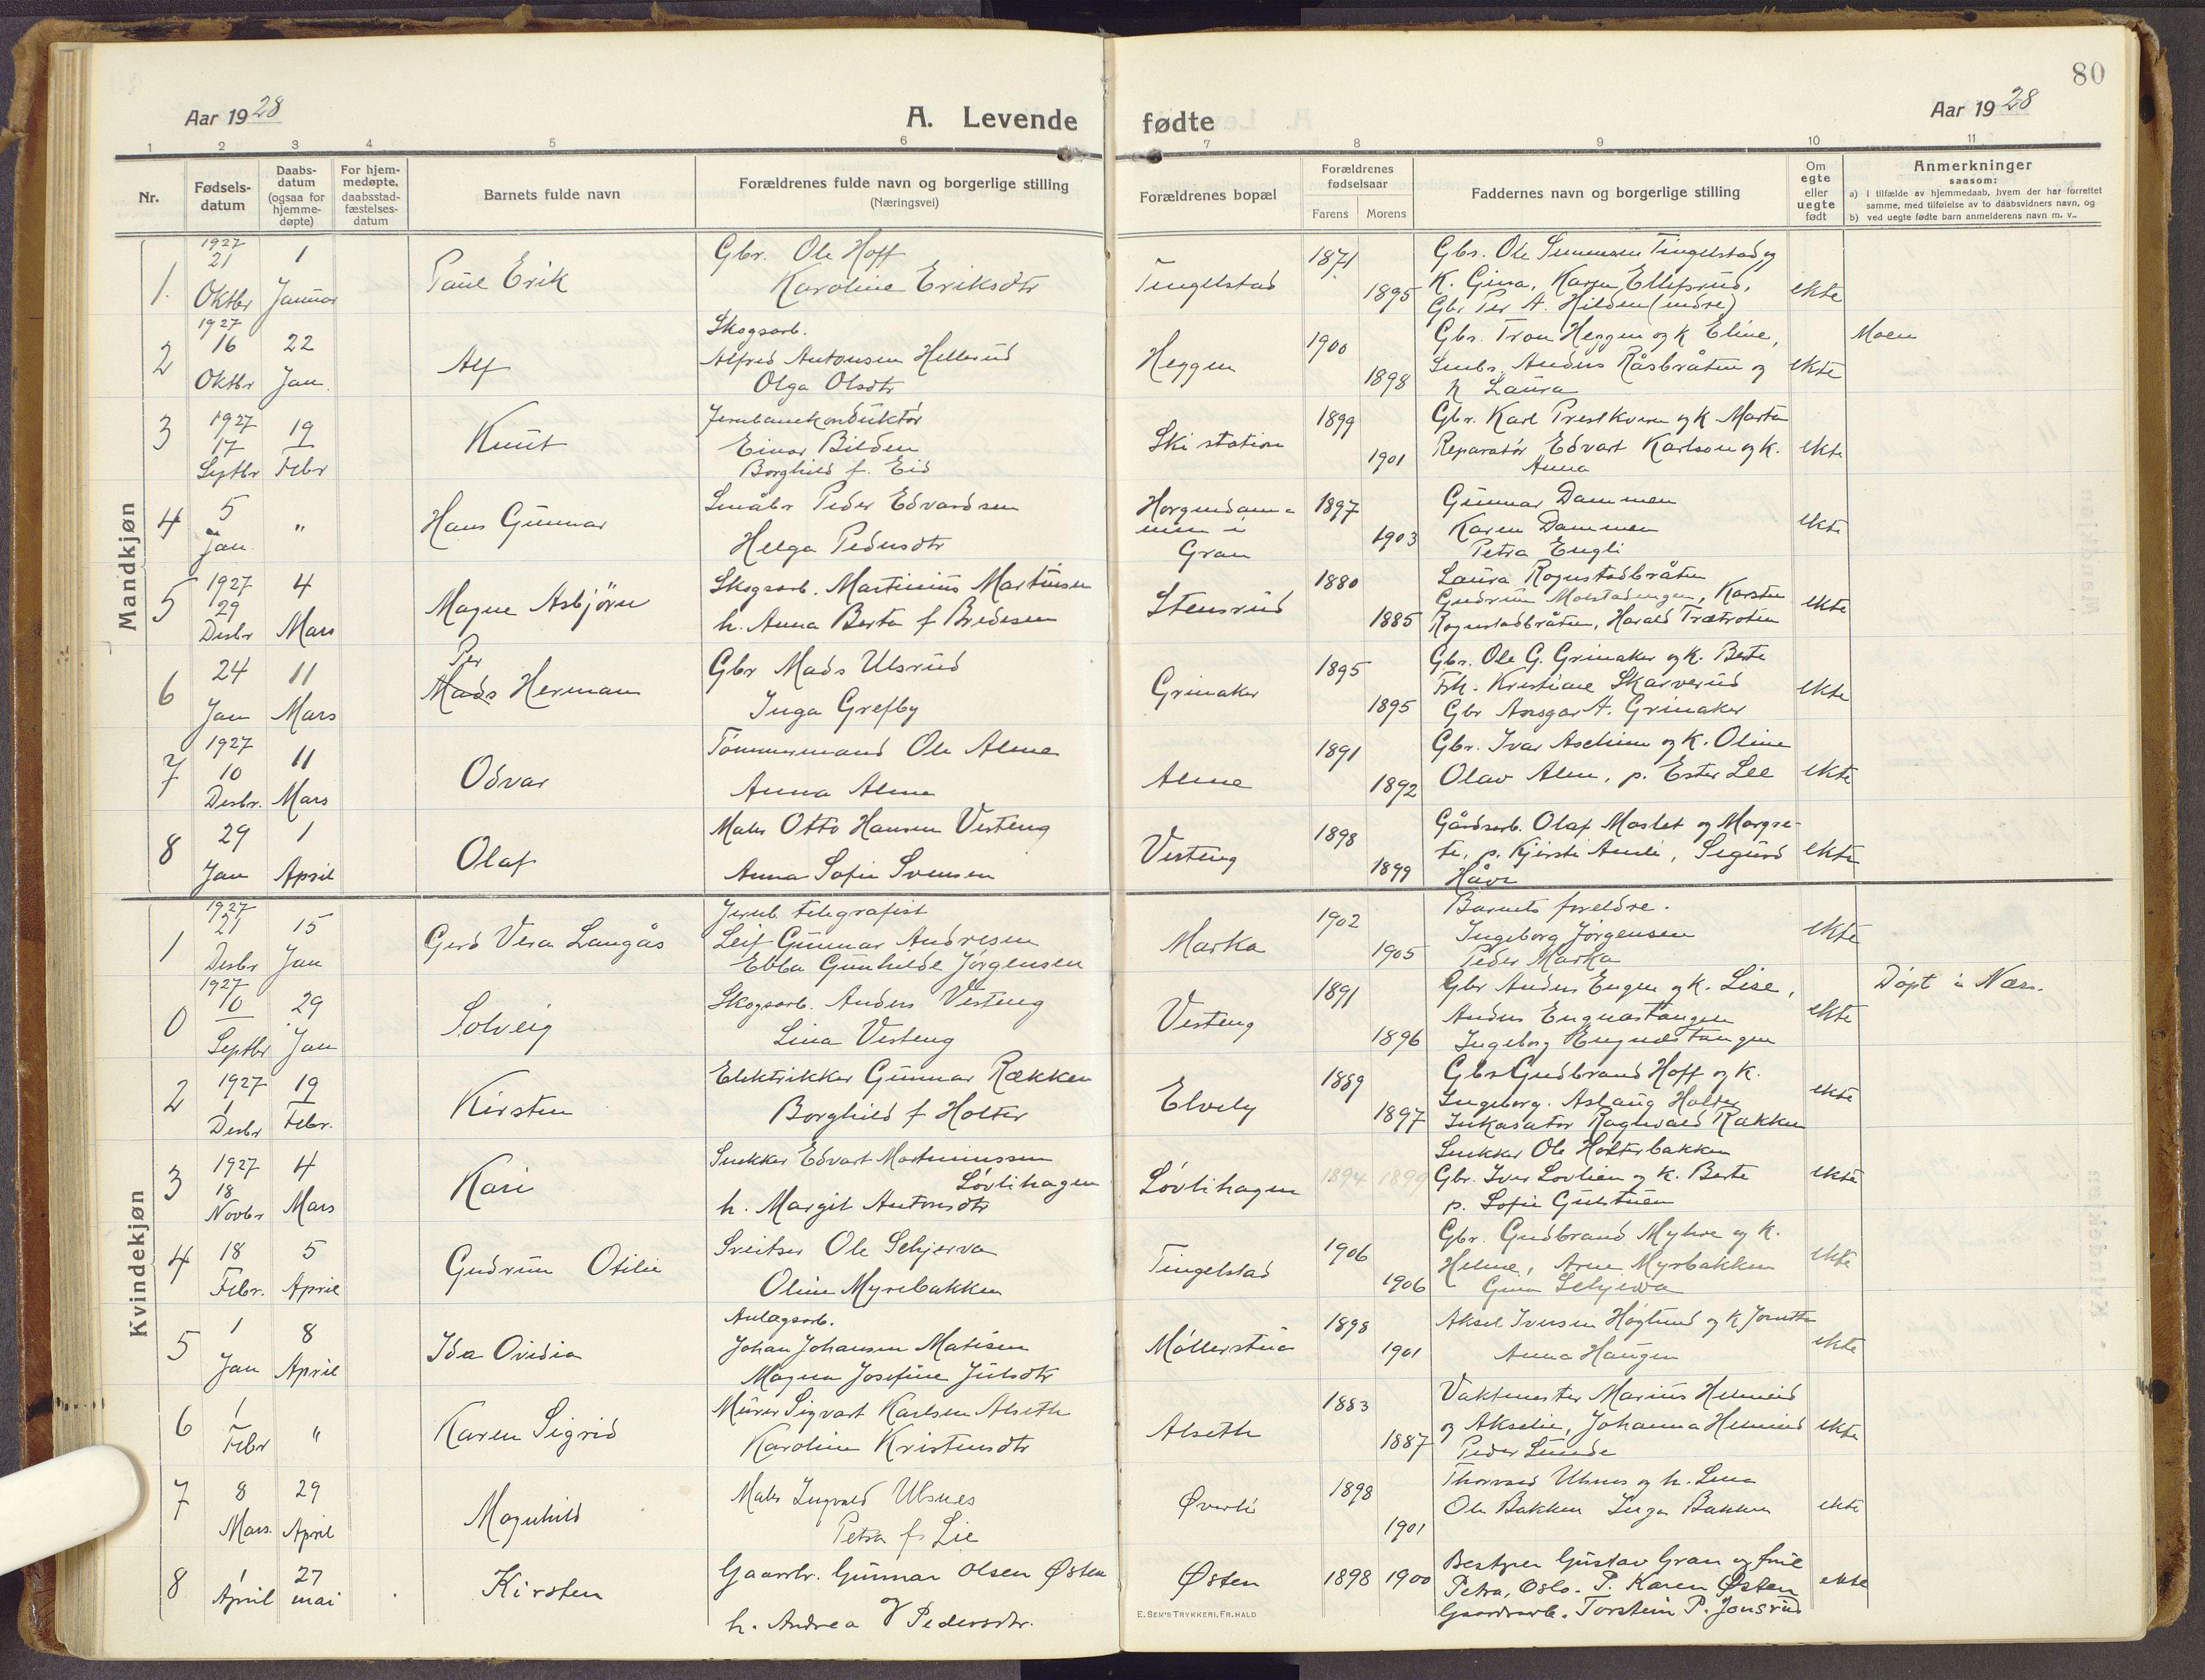 SAH, Brandbu prestekontor, Ministerialbok nr. 3, 1914-1928, s. 80